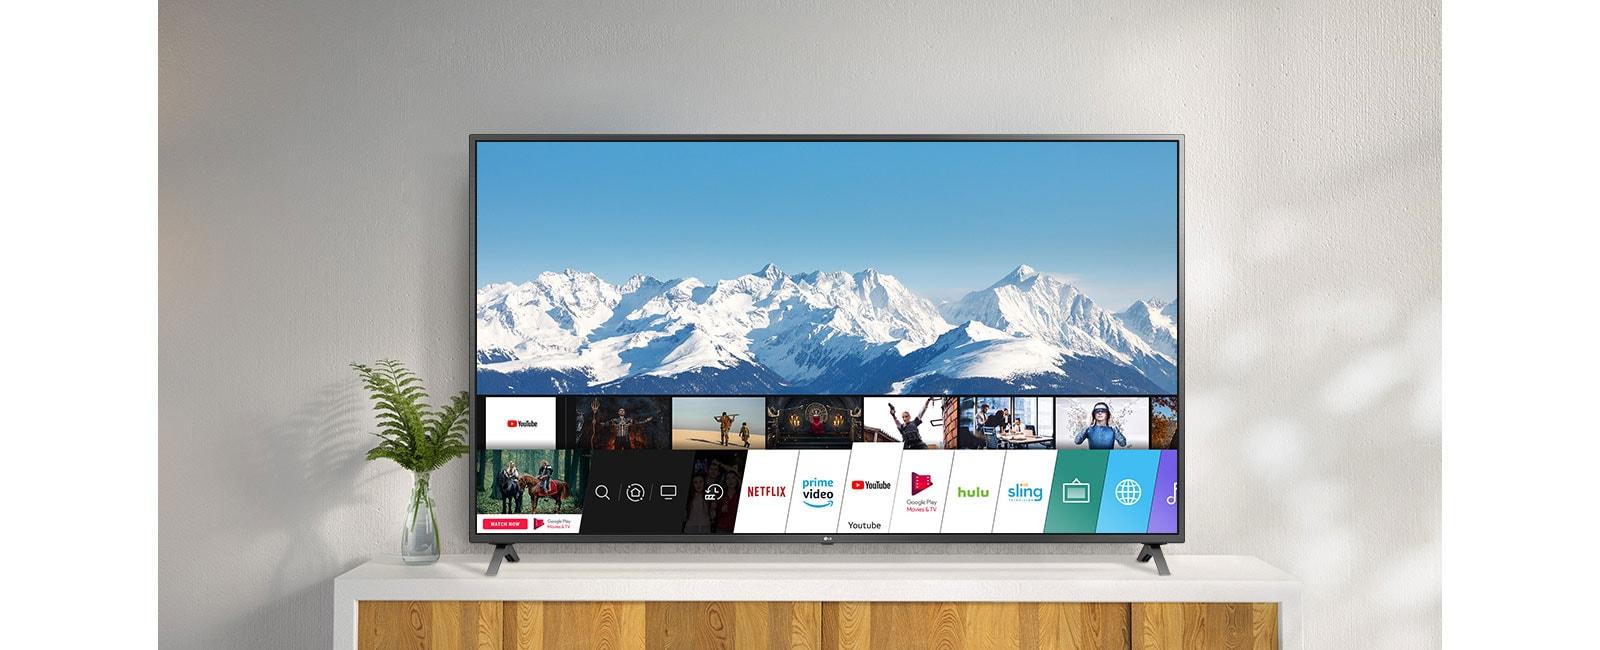 Téléviseur placé sur un support blanc contre un mur blanc. Écran de téléviseur montrant un écran d'accueil exécutant webOS.